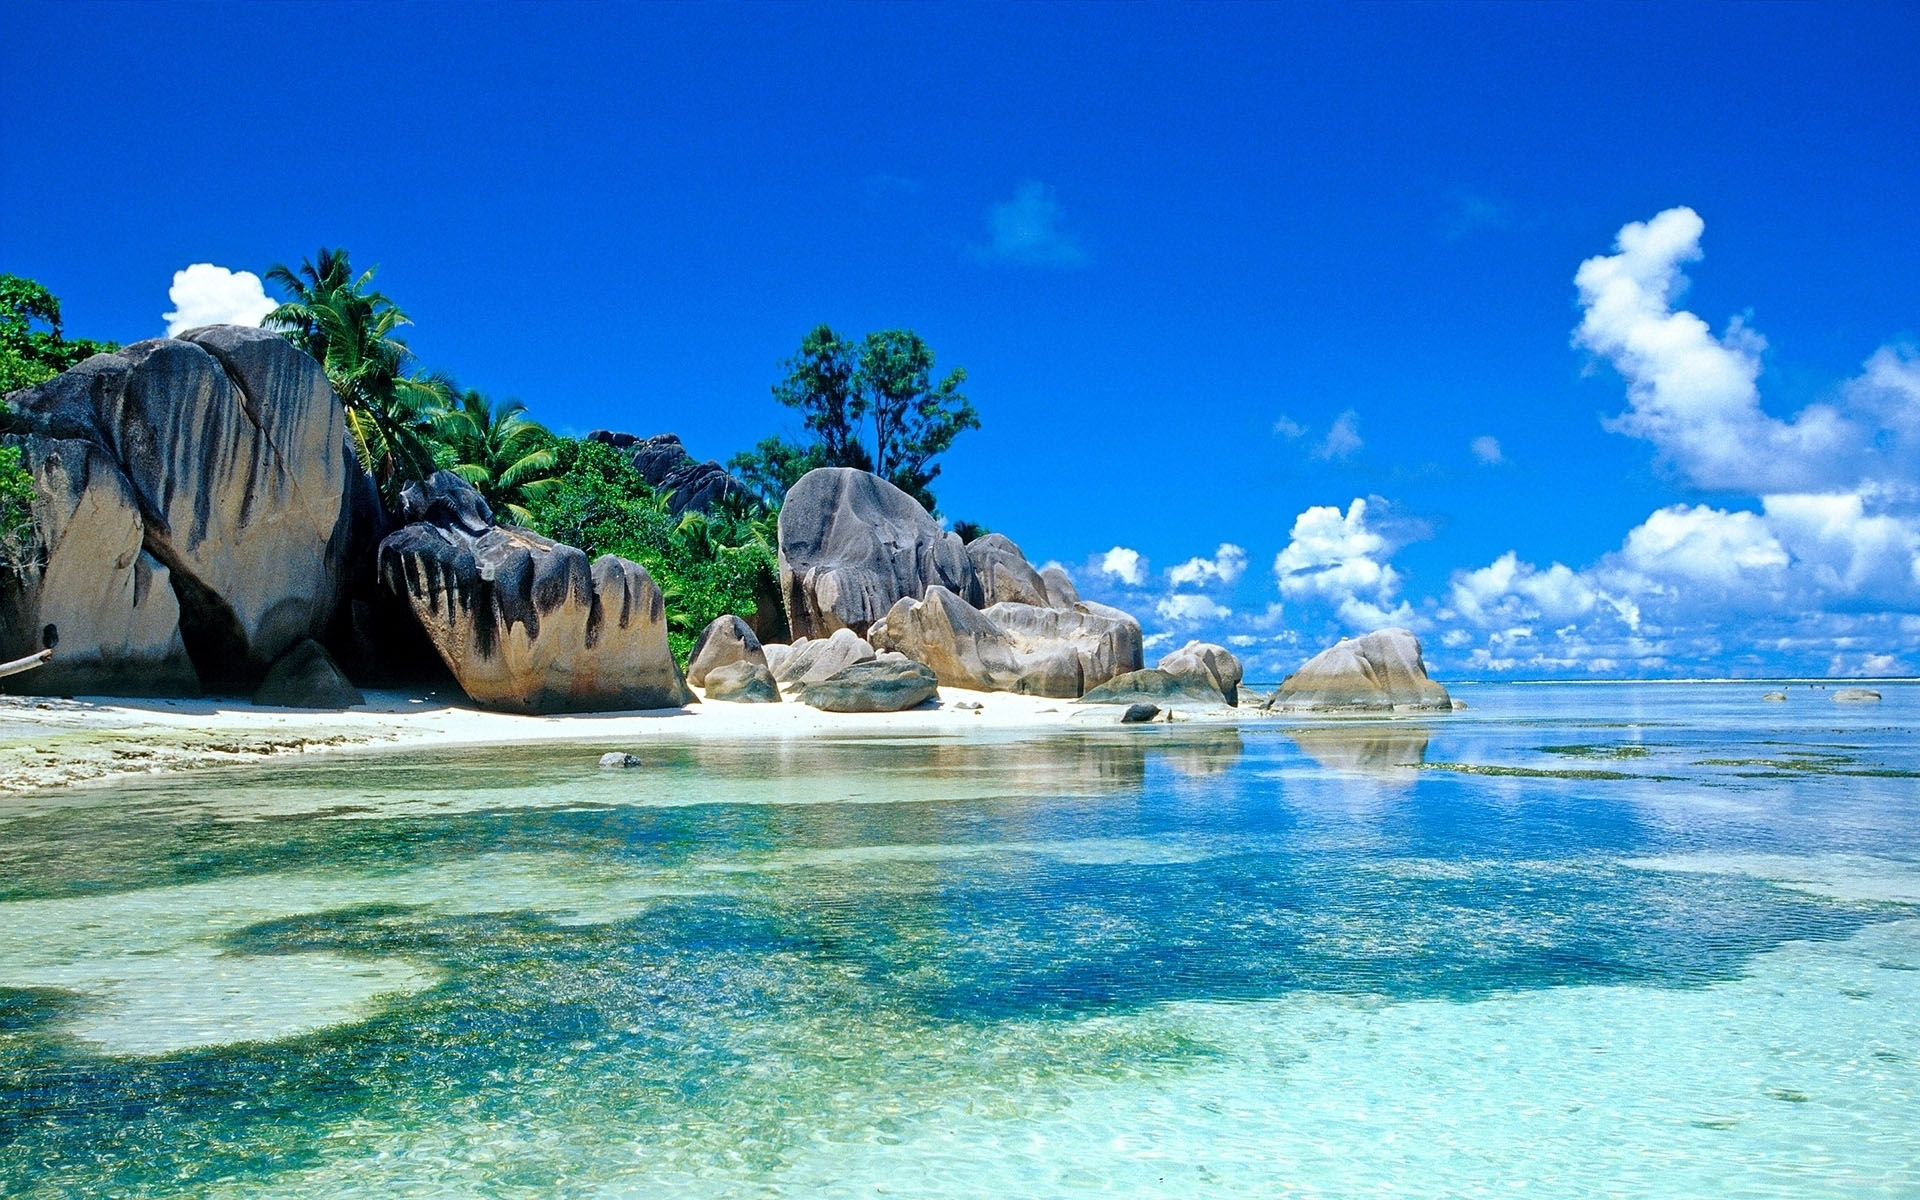 Купить остров на сейшелах цены где дешевле купить жилье в европе